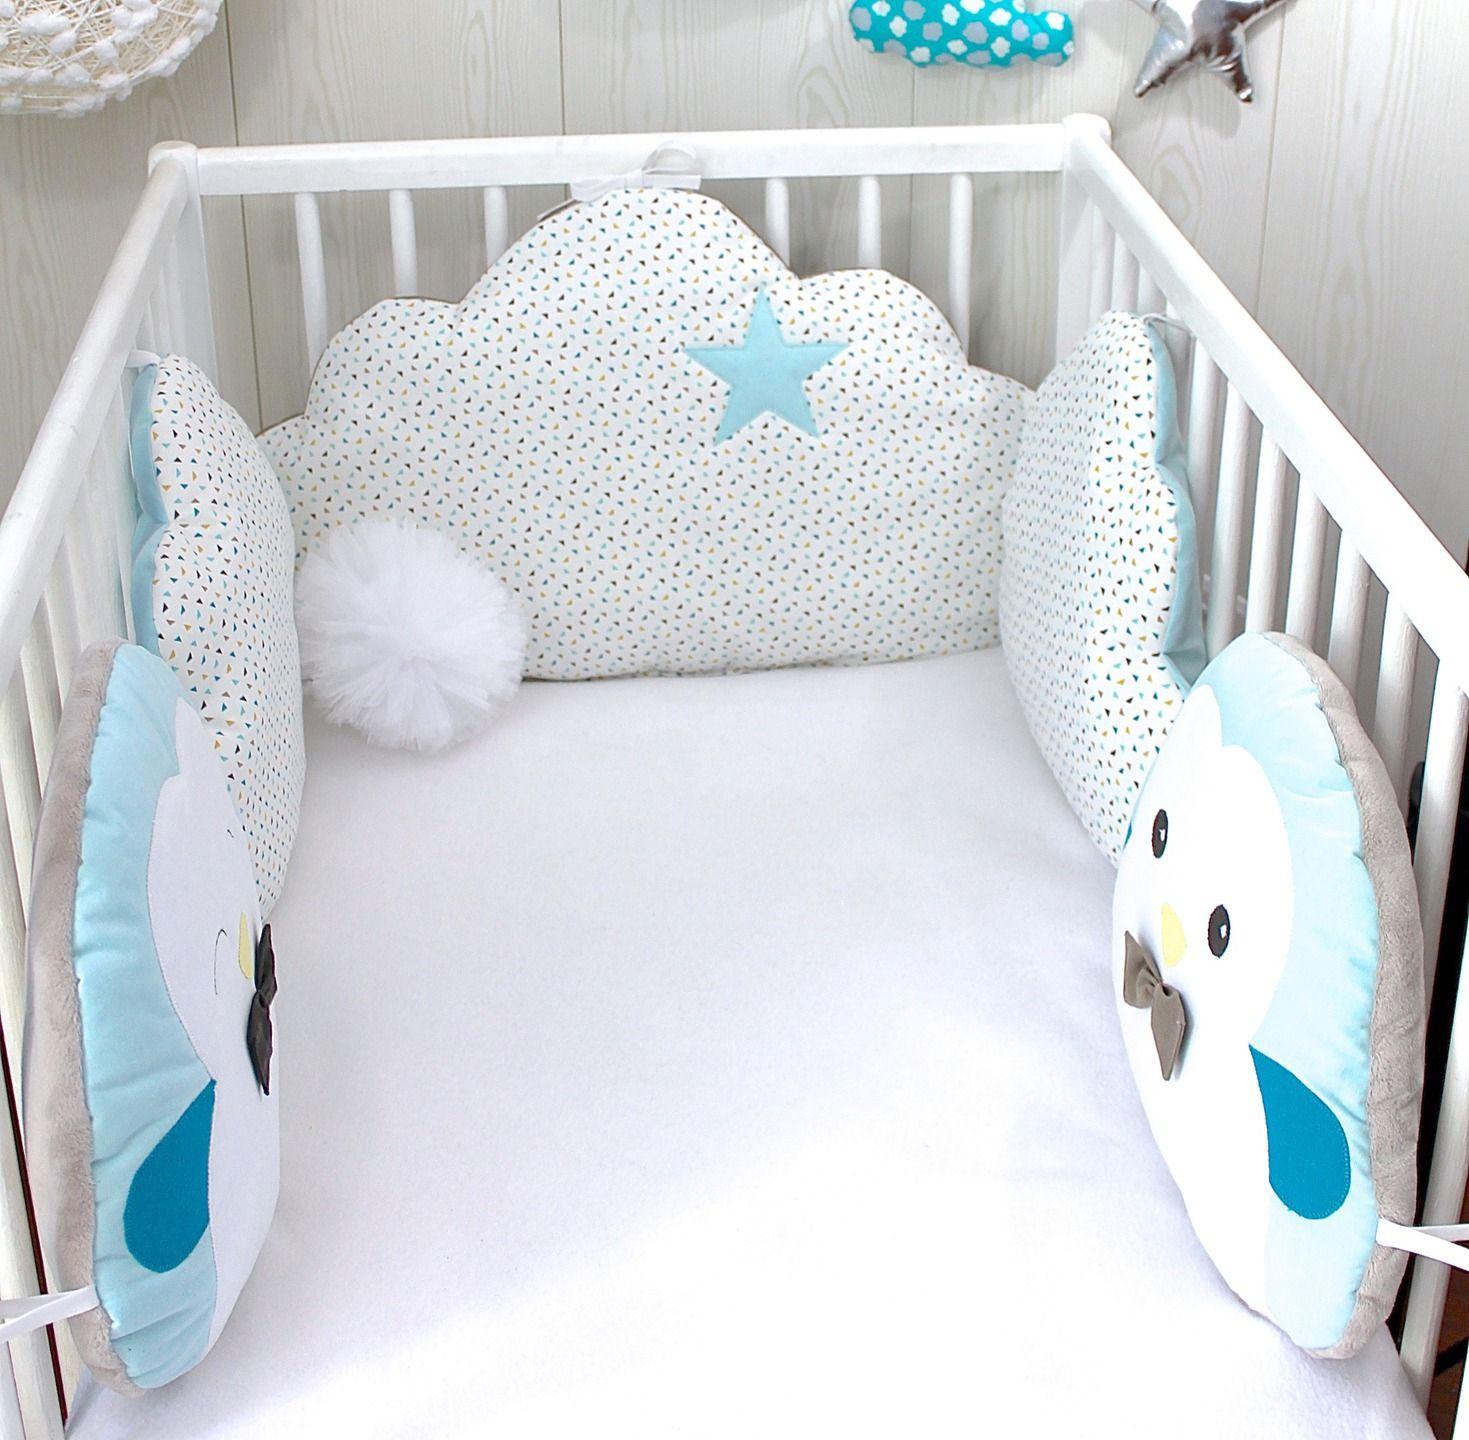 tour de lit b b nuage et petits pingouins bleu taupe et blanc crochet tour de lit b b. Black Bedroom Furniture Sets. Home Design Ideas